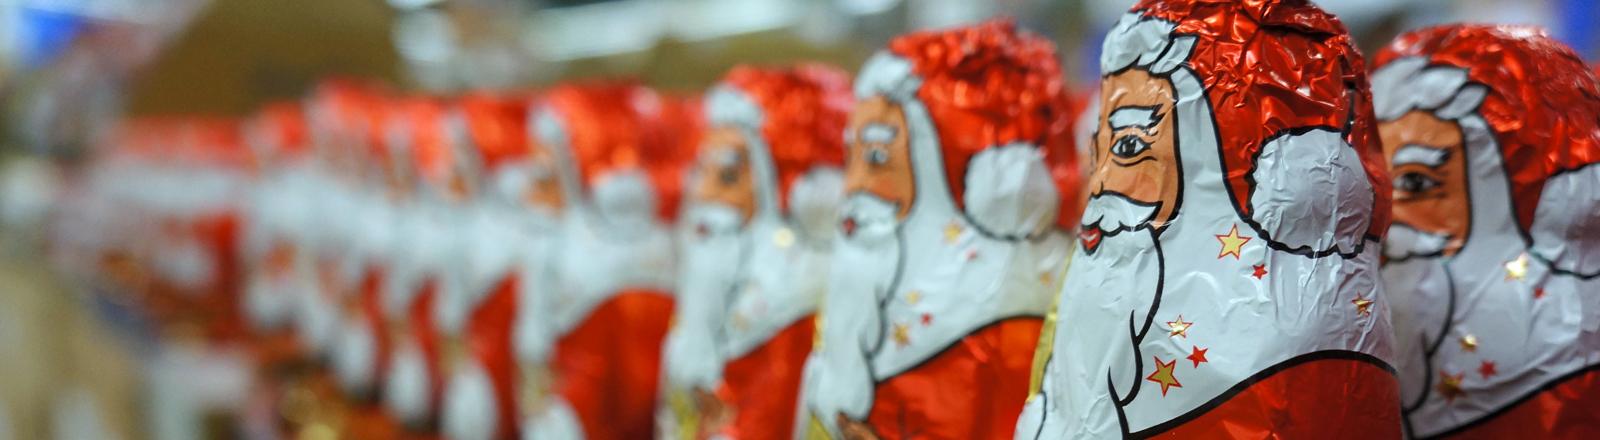 Schoko-Weihnachtsmänner im Regal